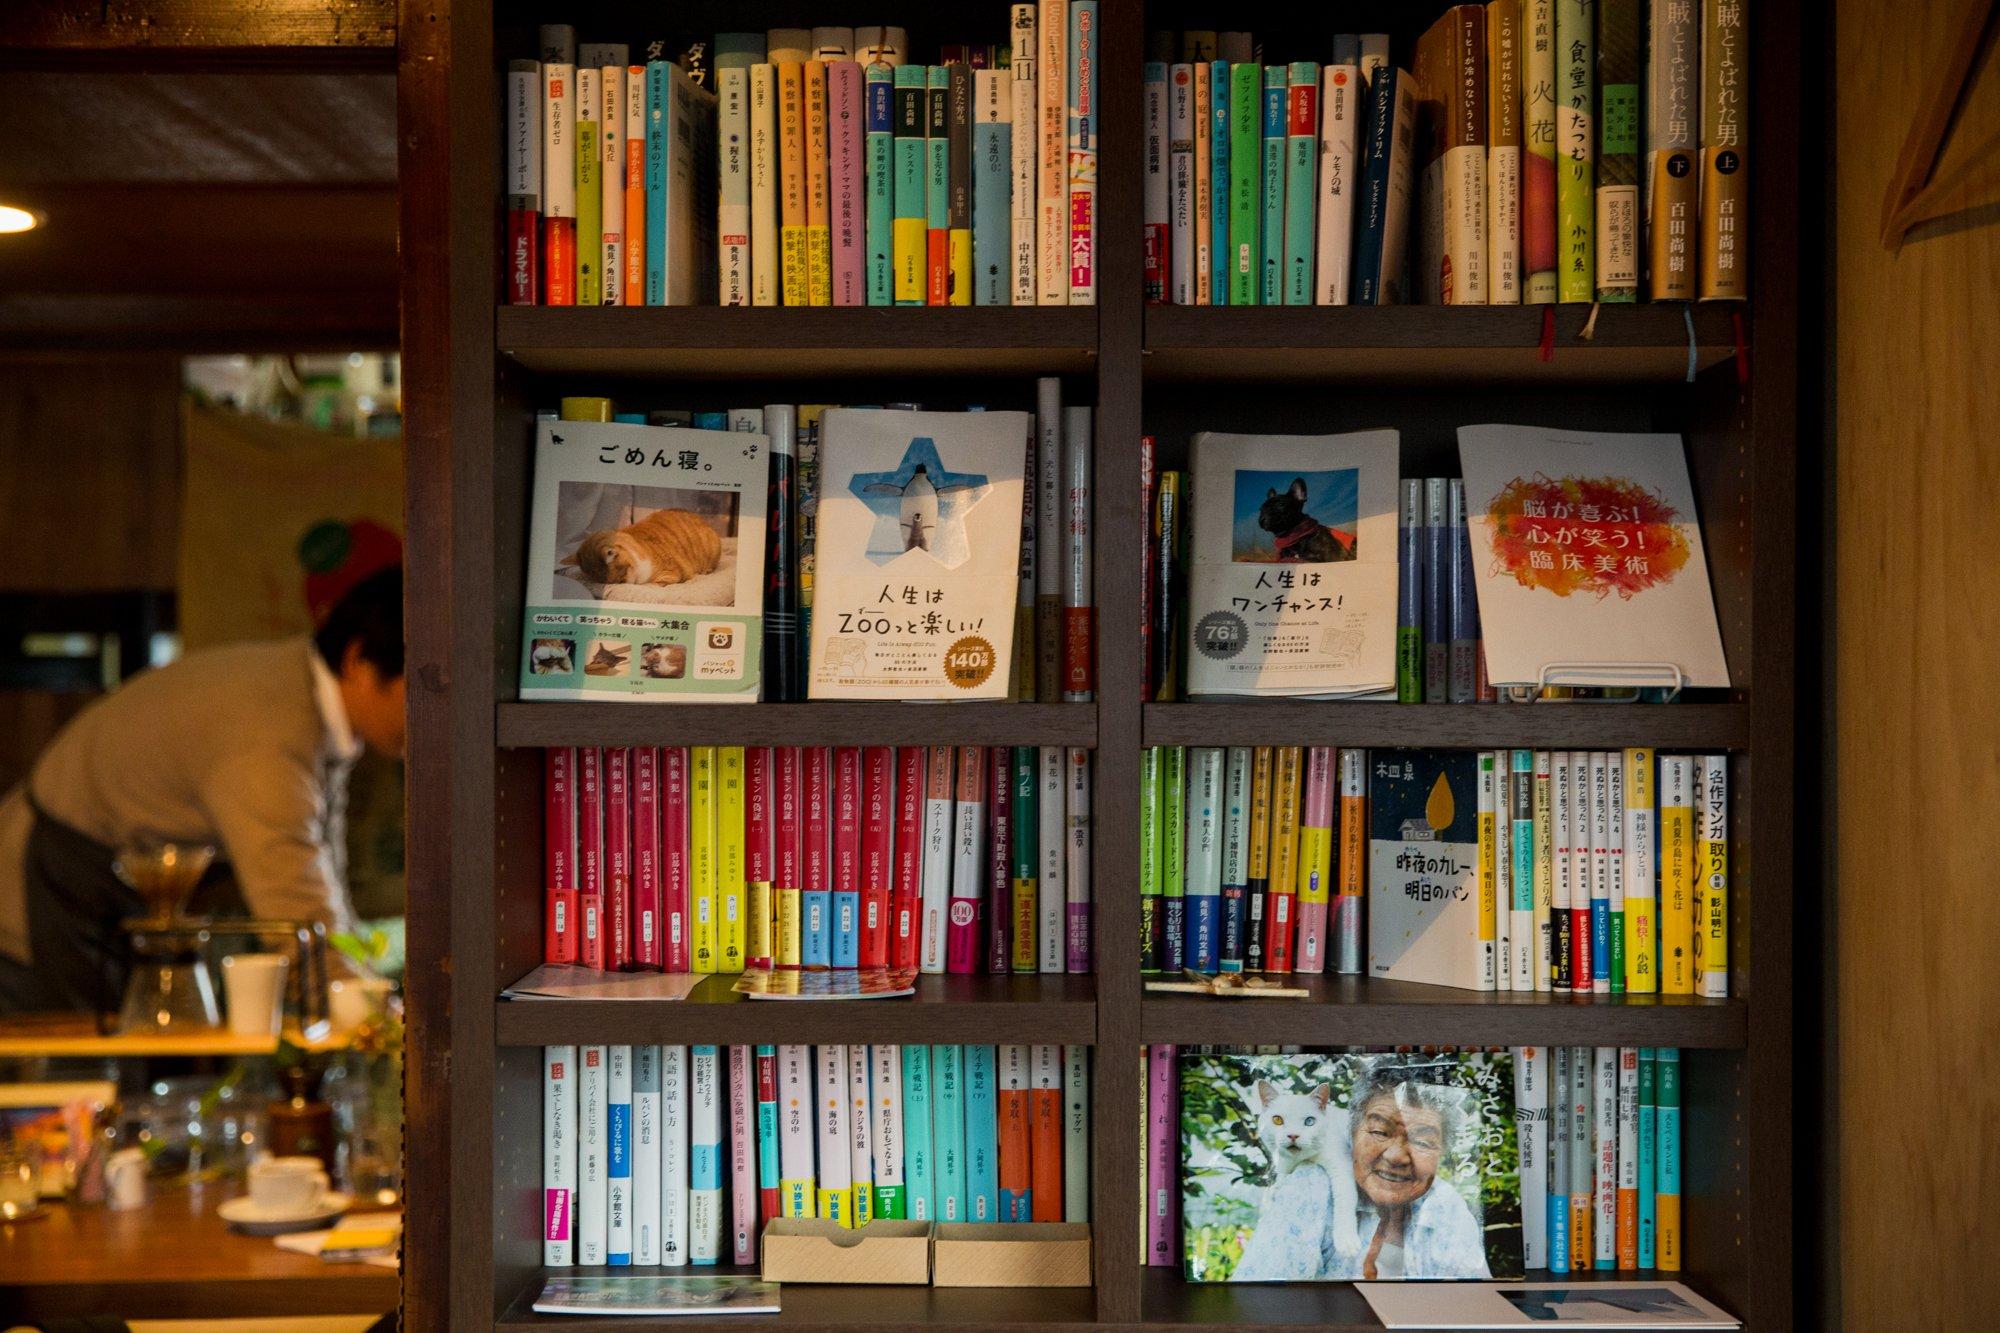 腰越珈琲の本棚